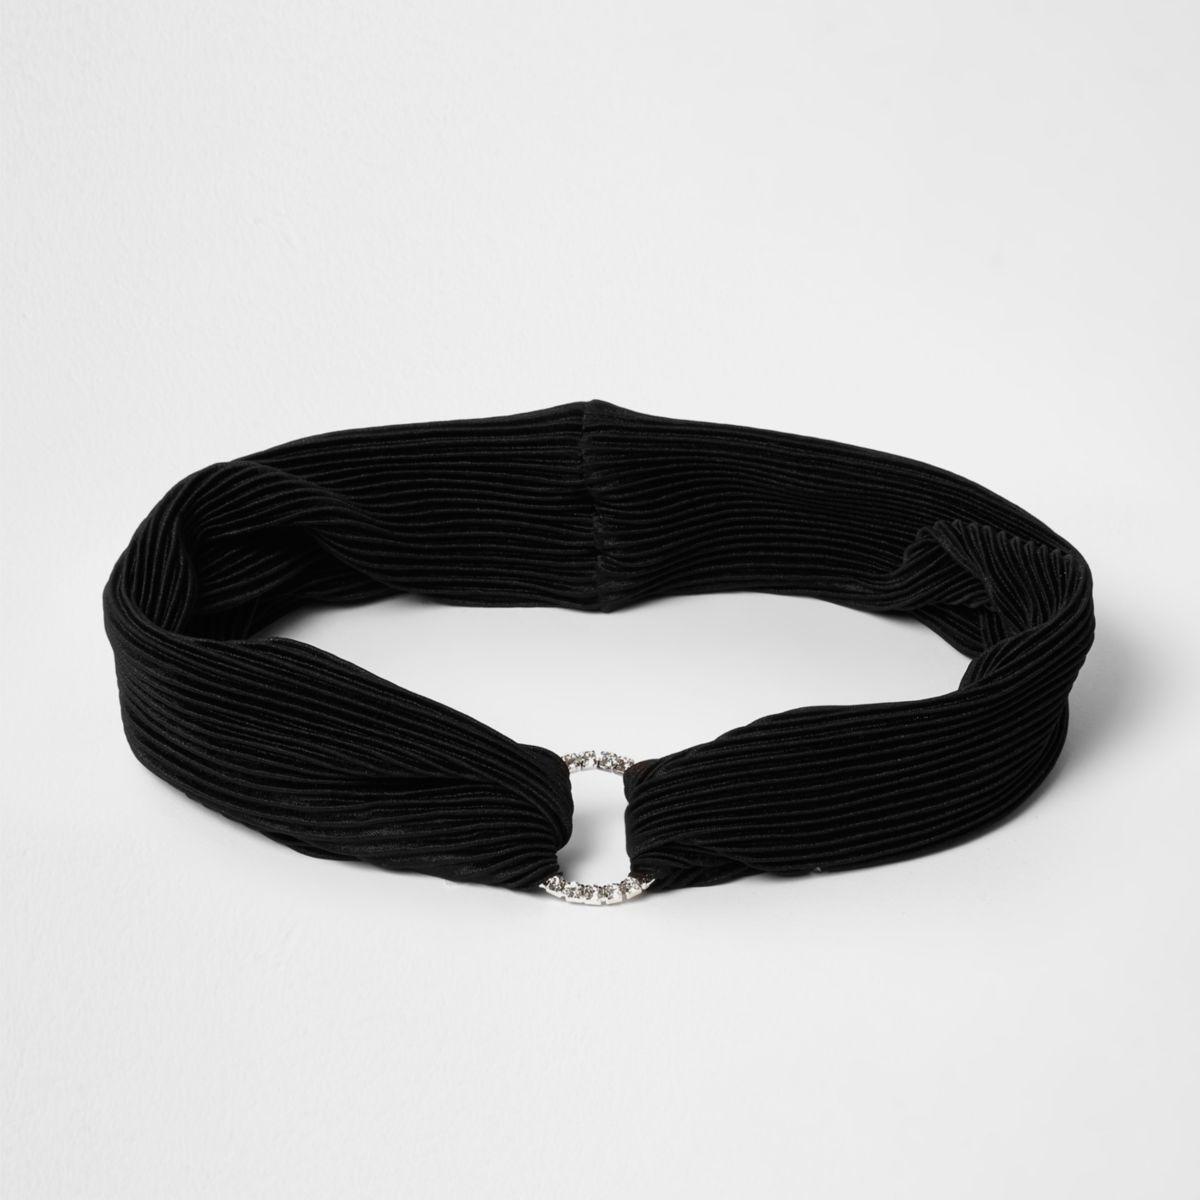 Zwarte geplooide hoofdband met cirkel bezet met diamantjes